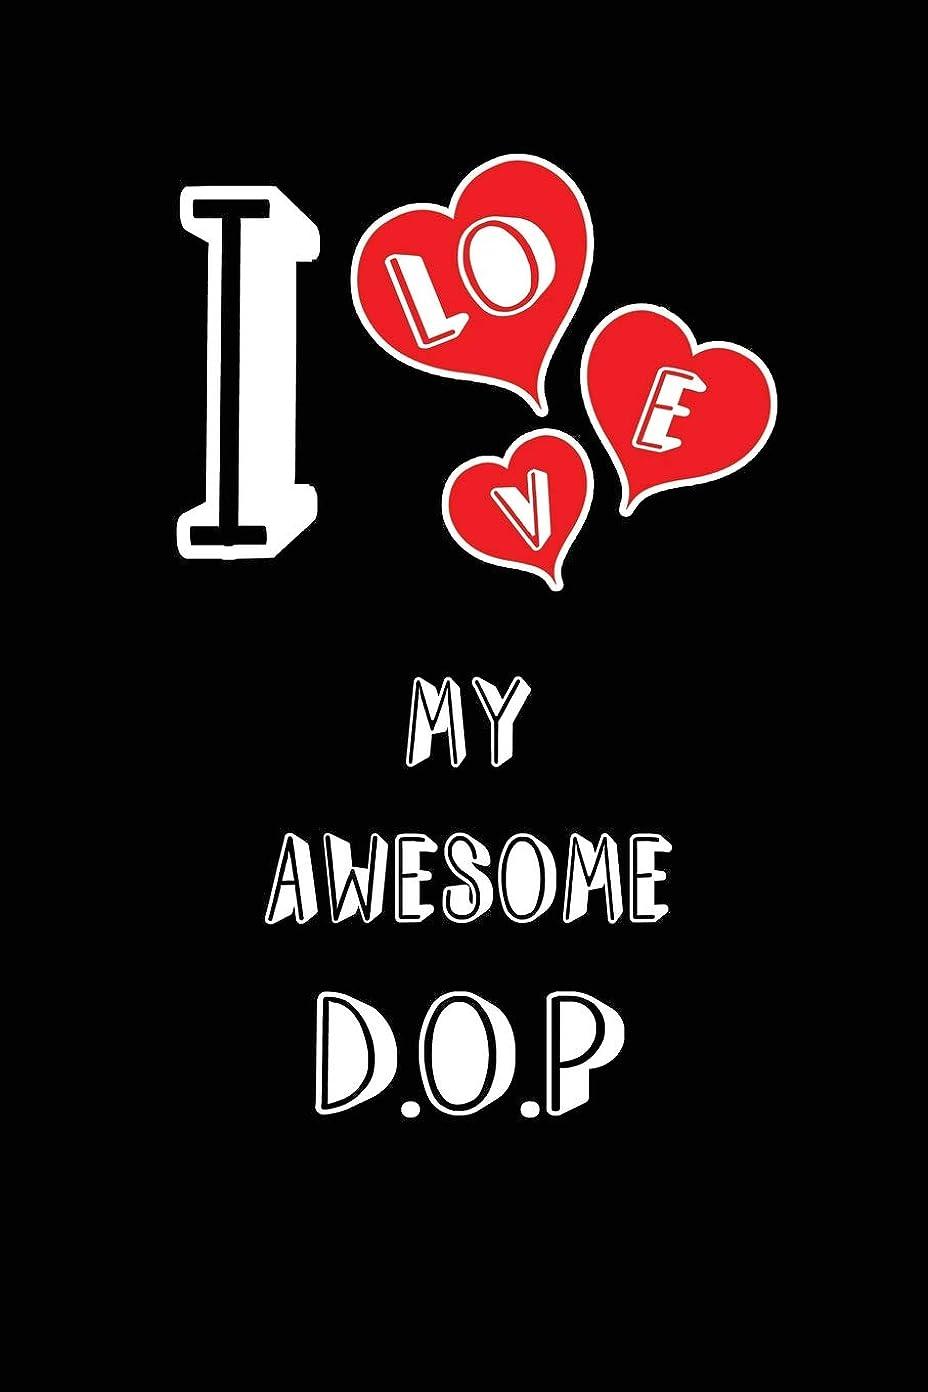 議会議論する回転させるI Love My Awesome D.O.P: Blank Lined 6x9 Love your D.O.P Journal/Notebooks as Gift for Birthday,Valentine's day,Anniversary,Thanks giving,Christmas,Graduation for your spouse,lover,partner,friend,family or coworker